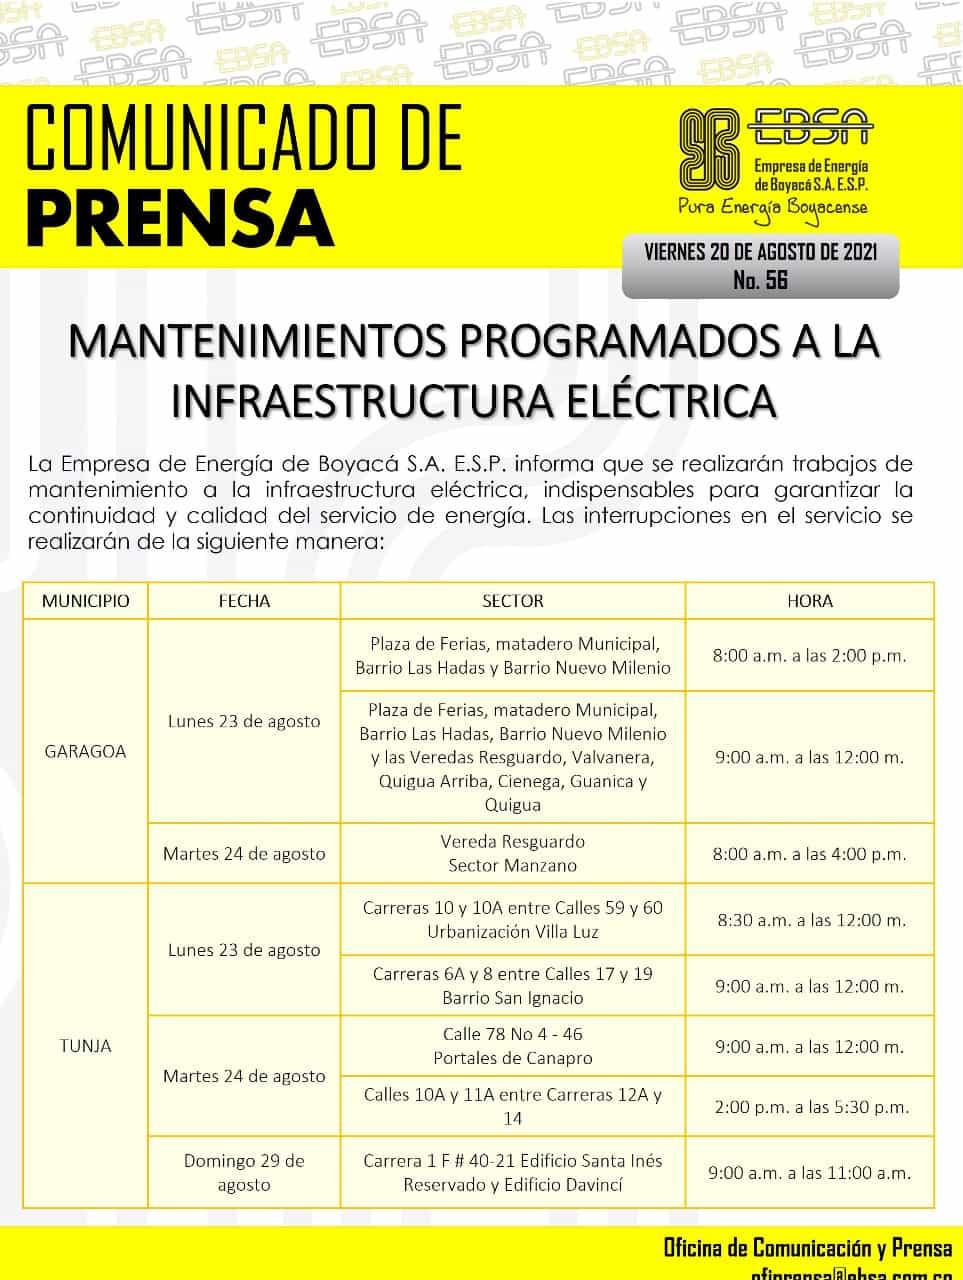 Mantenimientos programados a la infraestructura eléctrica en Boyacá para la siguiente semana 1